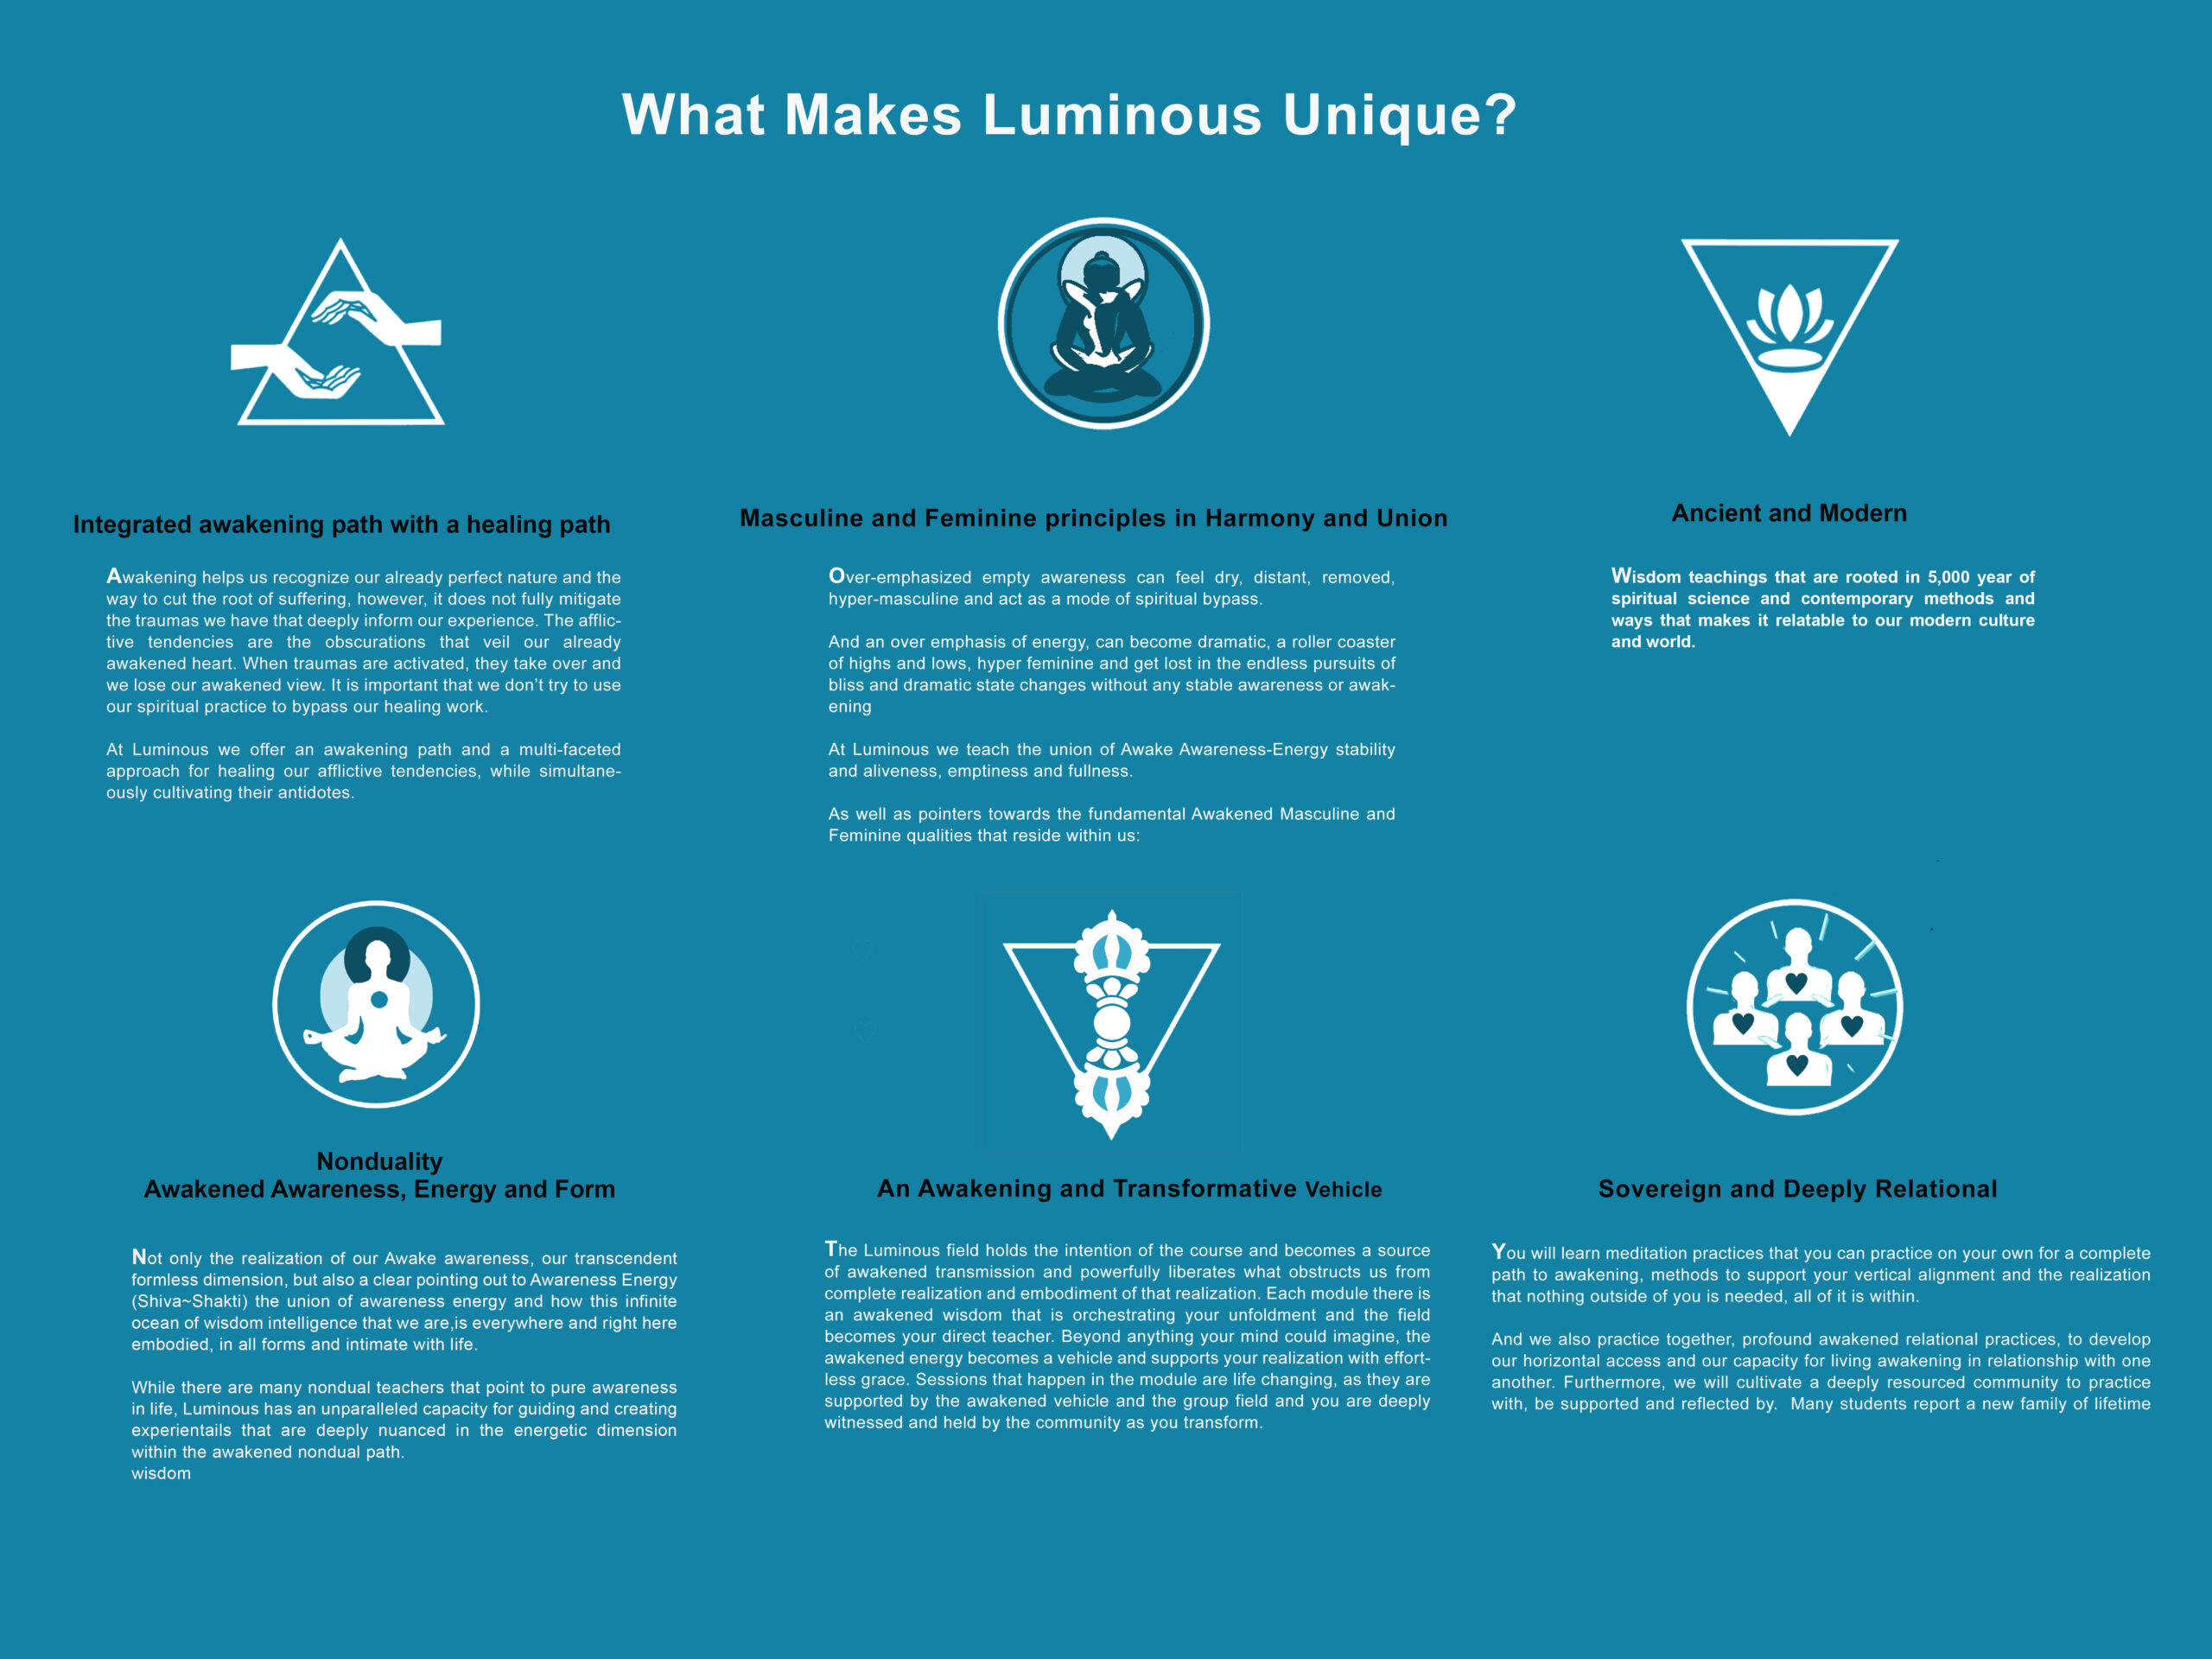 luminous uniqu symbols-Recovered